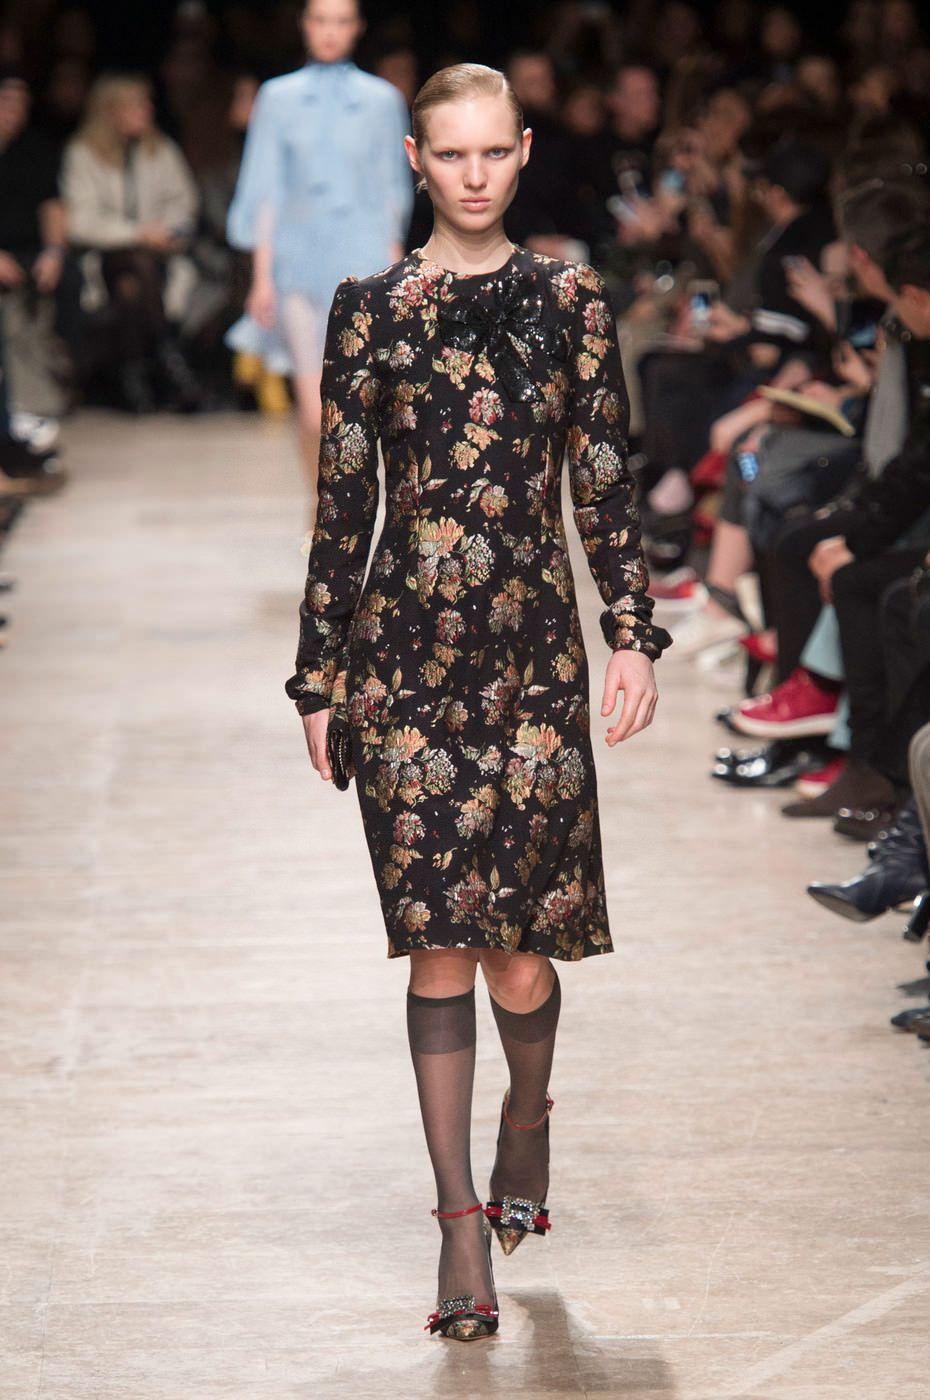 b8e29b7ad47 Одна из самых главных тенденций сезона – комбинированные модные платья.  Новинки с подиумов демонстрируют удачные комбинации материалов